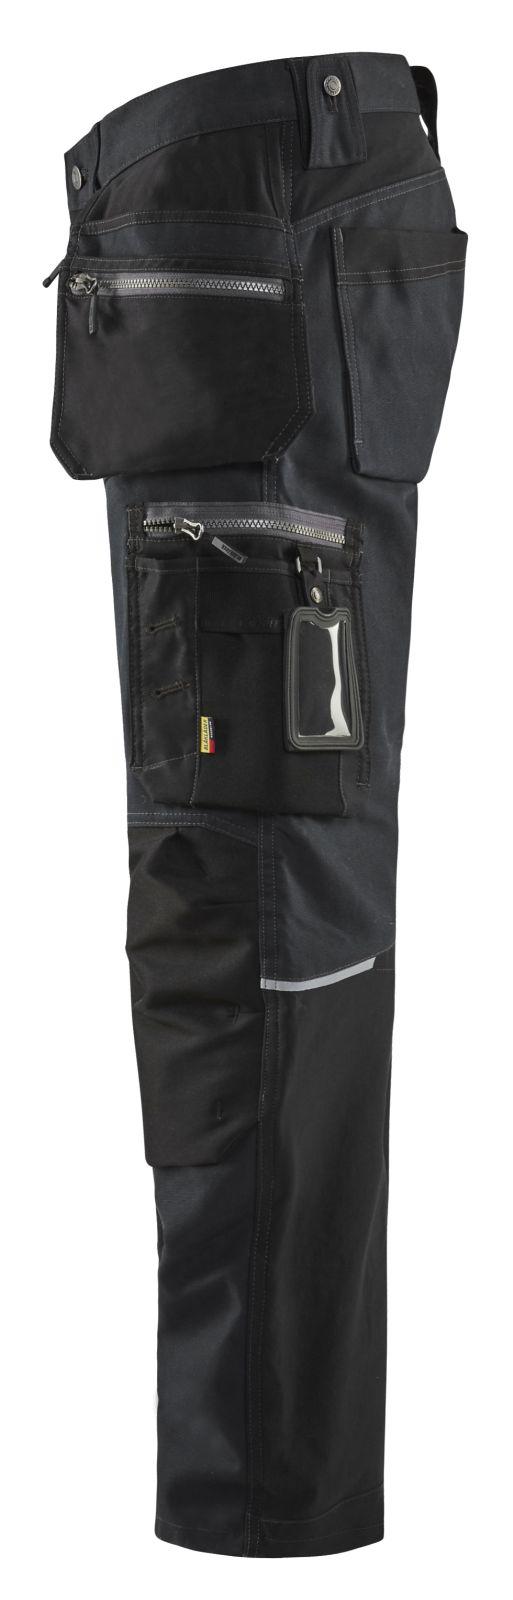 Blaklader Broeken 15991343 zwart(9900)